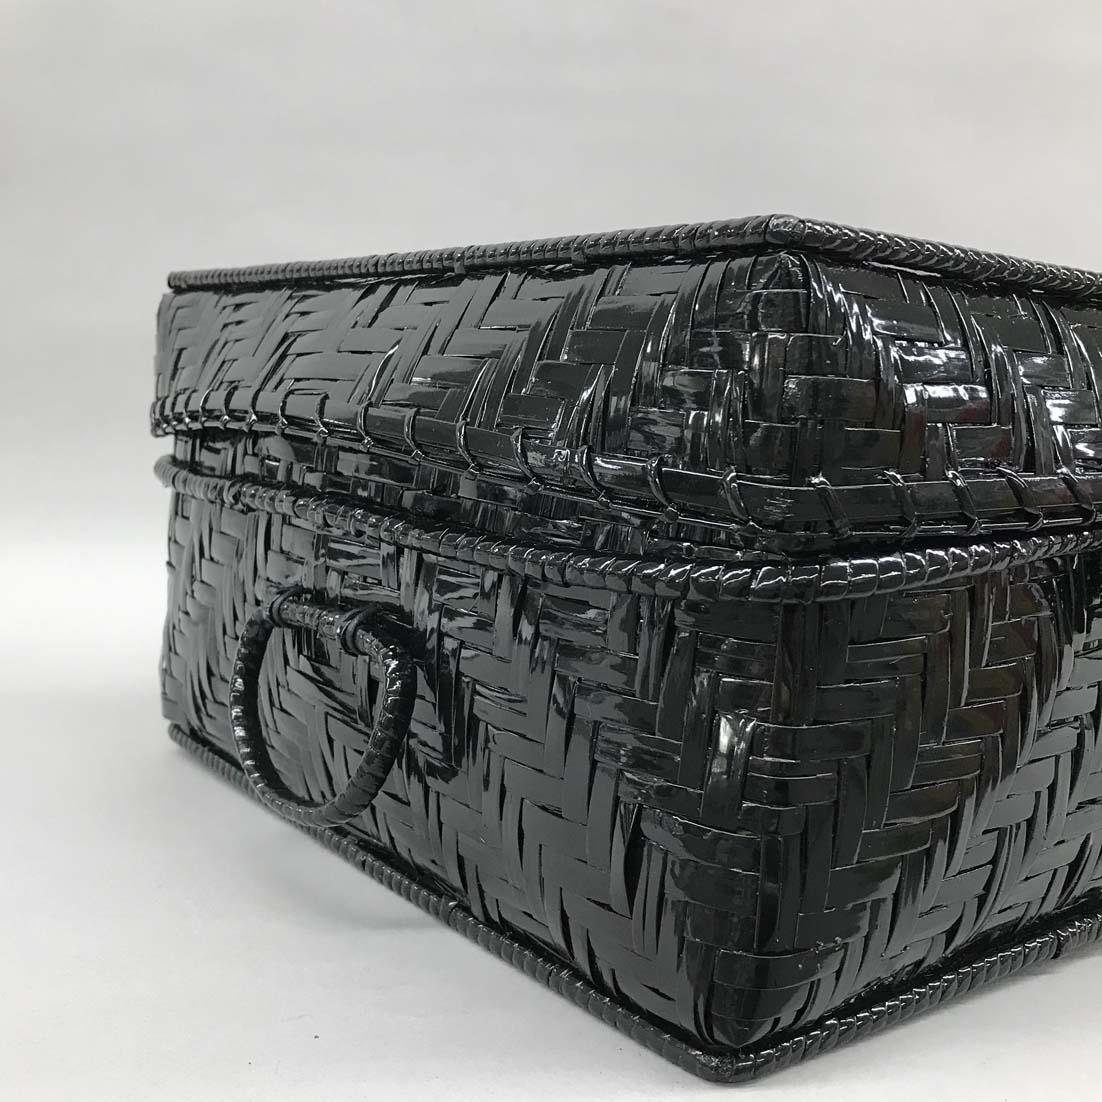 バンブーバスケット/トランク